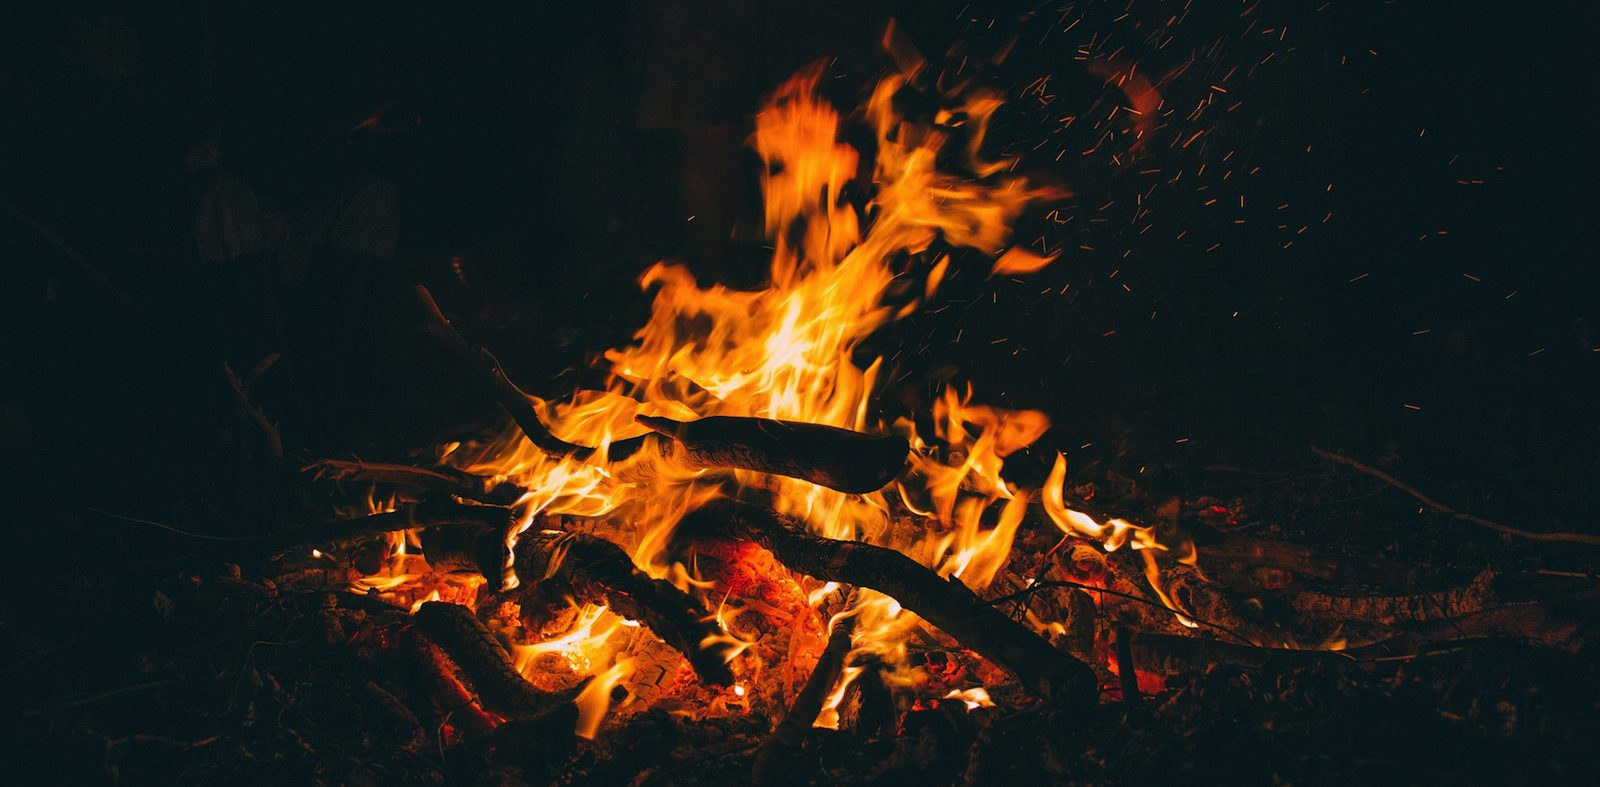 How to enjoy a bonfire safely